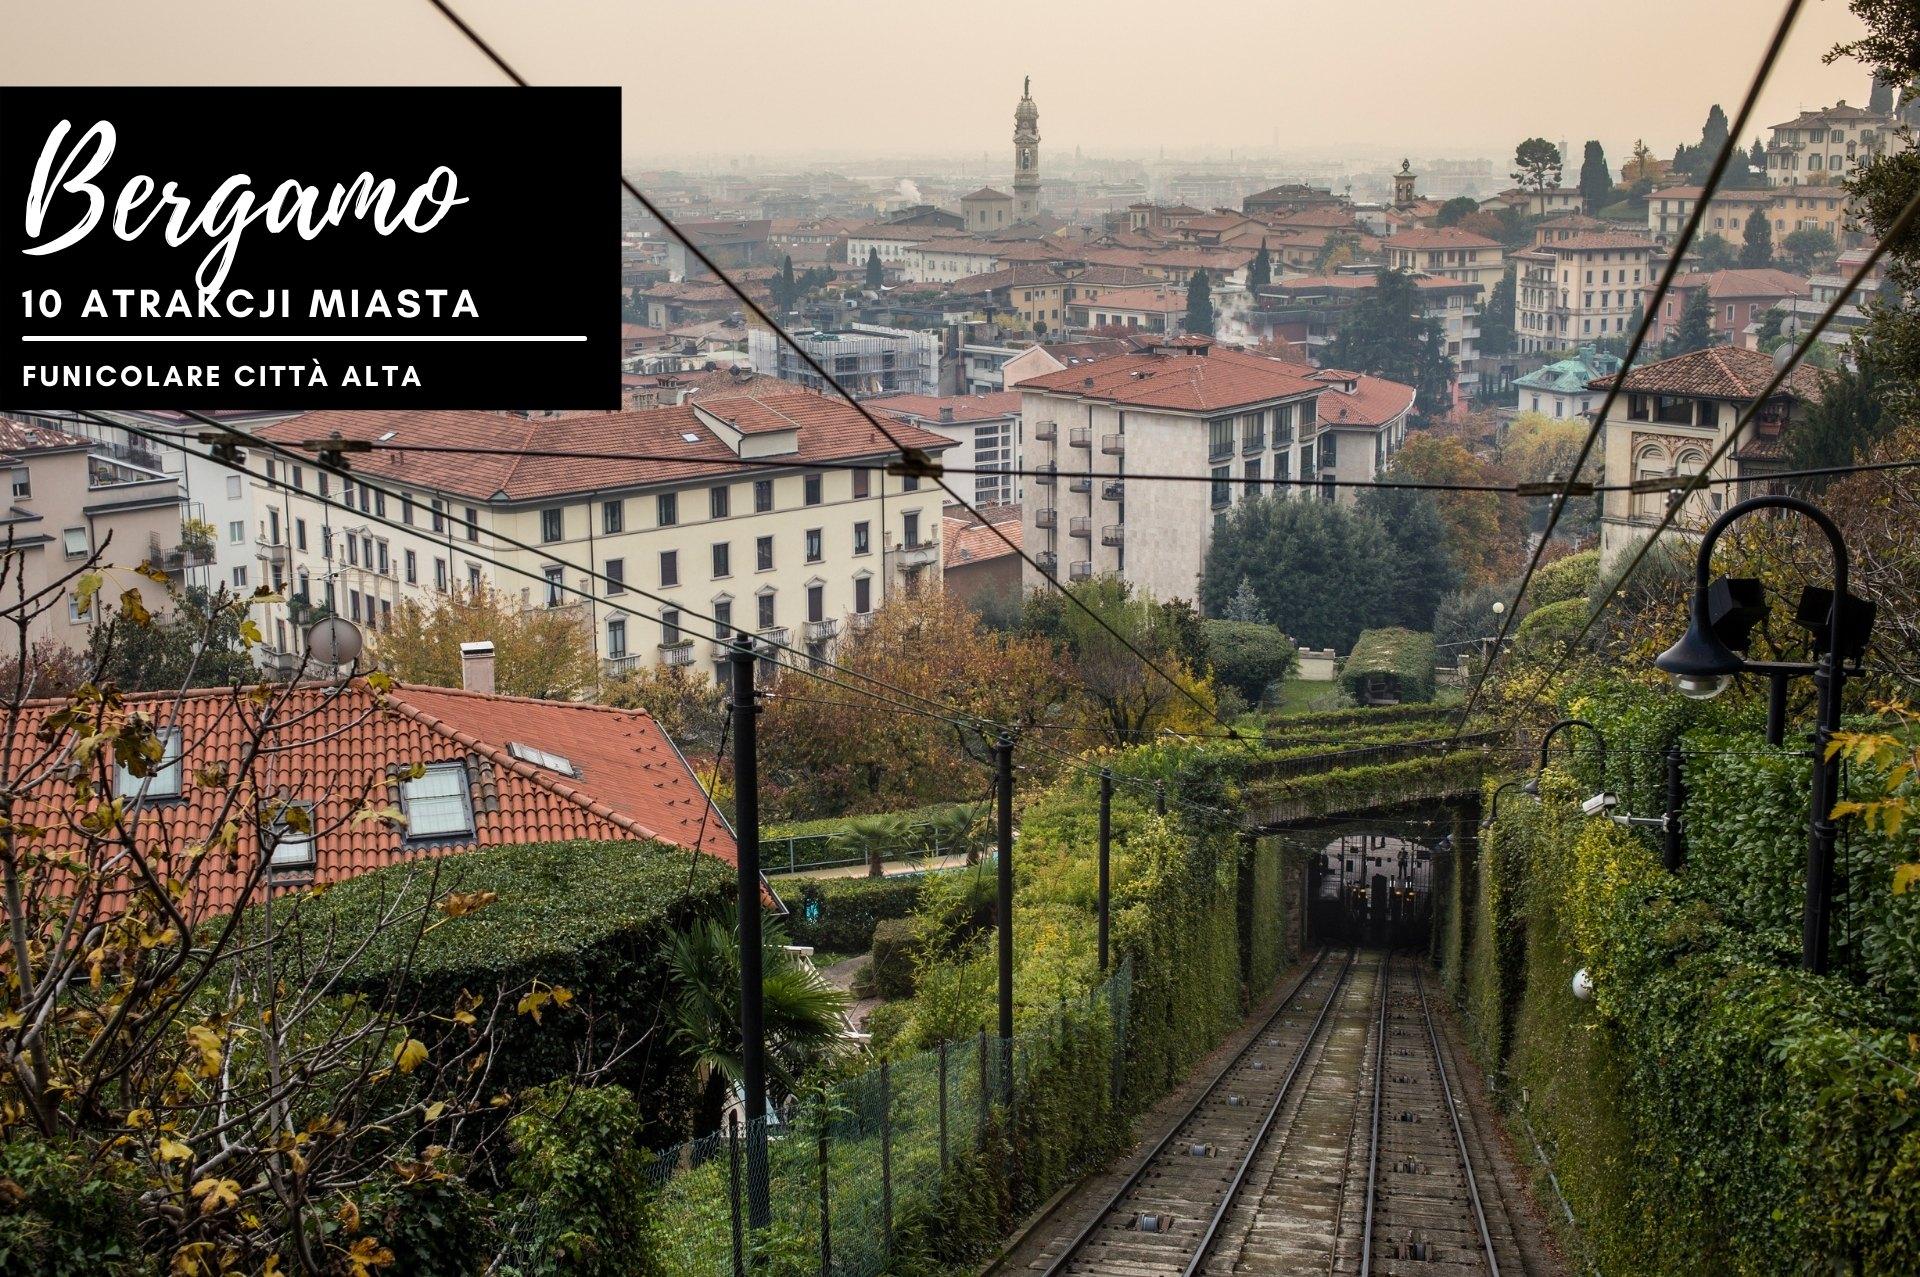 Bergamo, Włochy (fot. bigstockphoto)